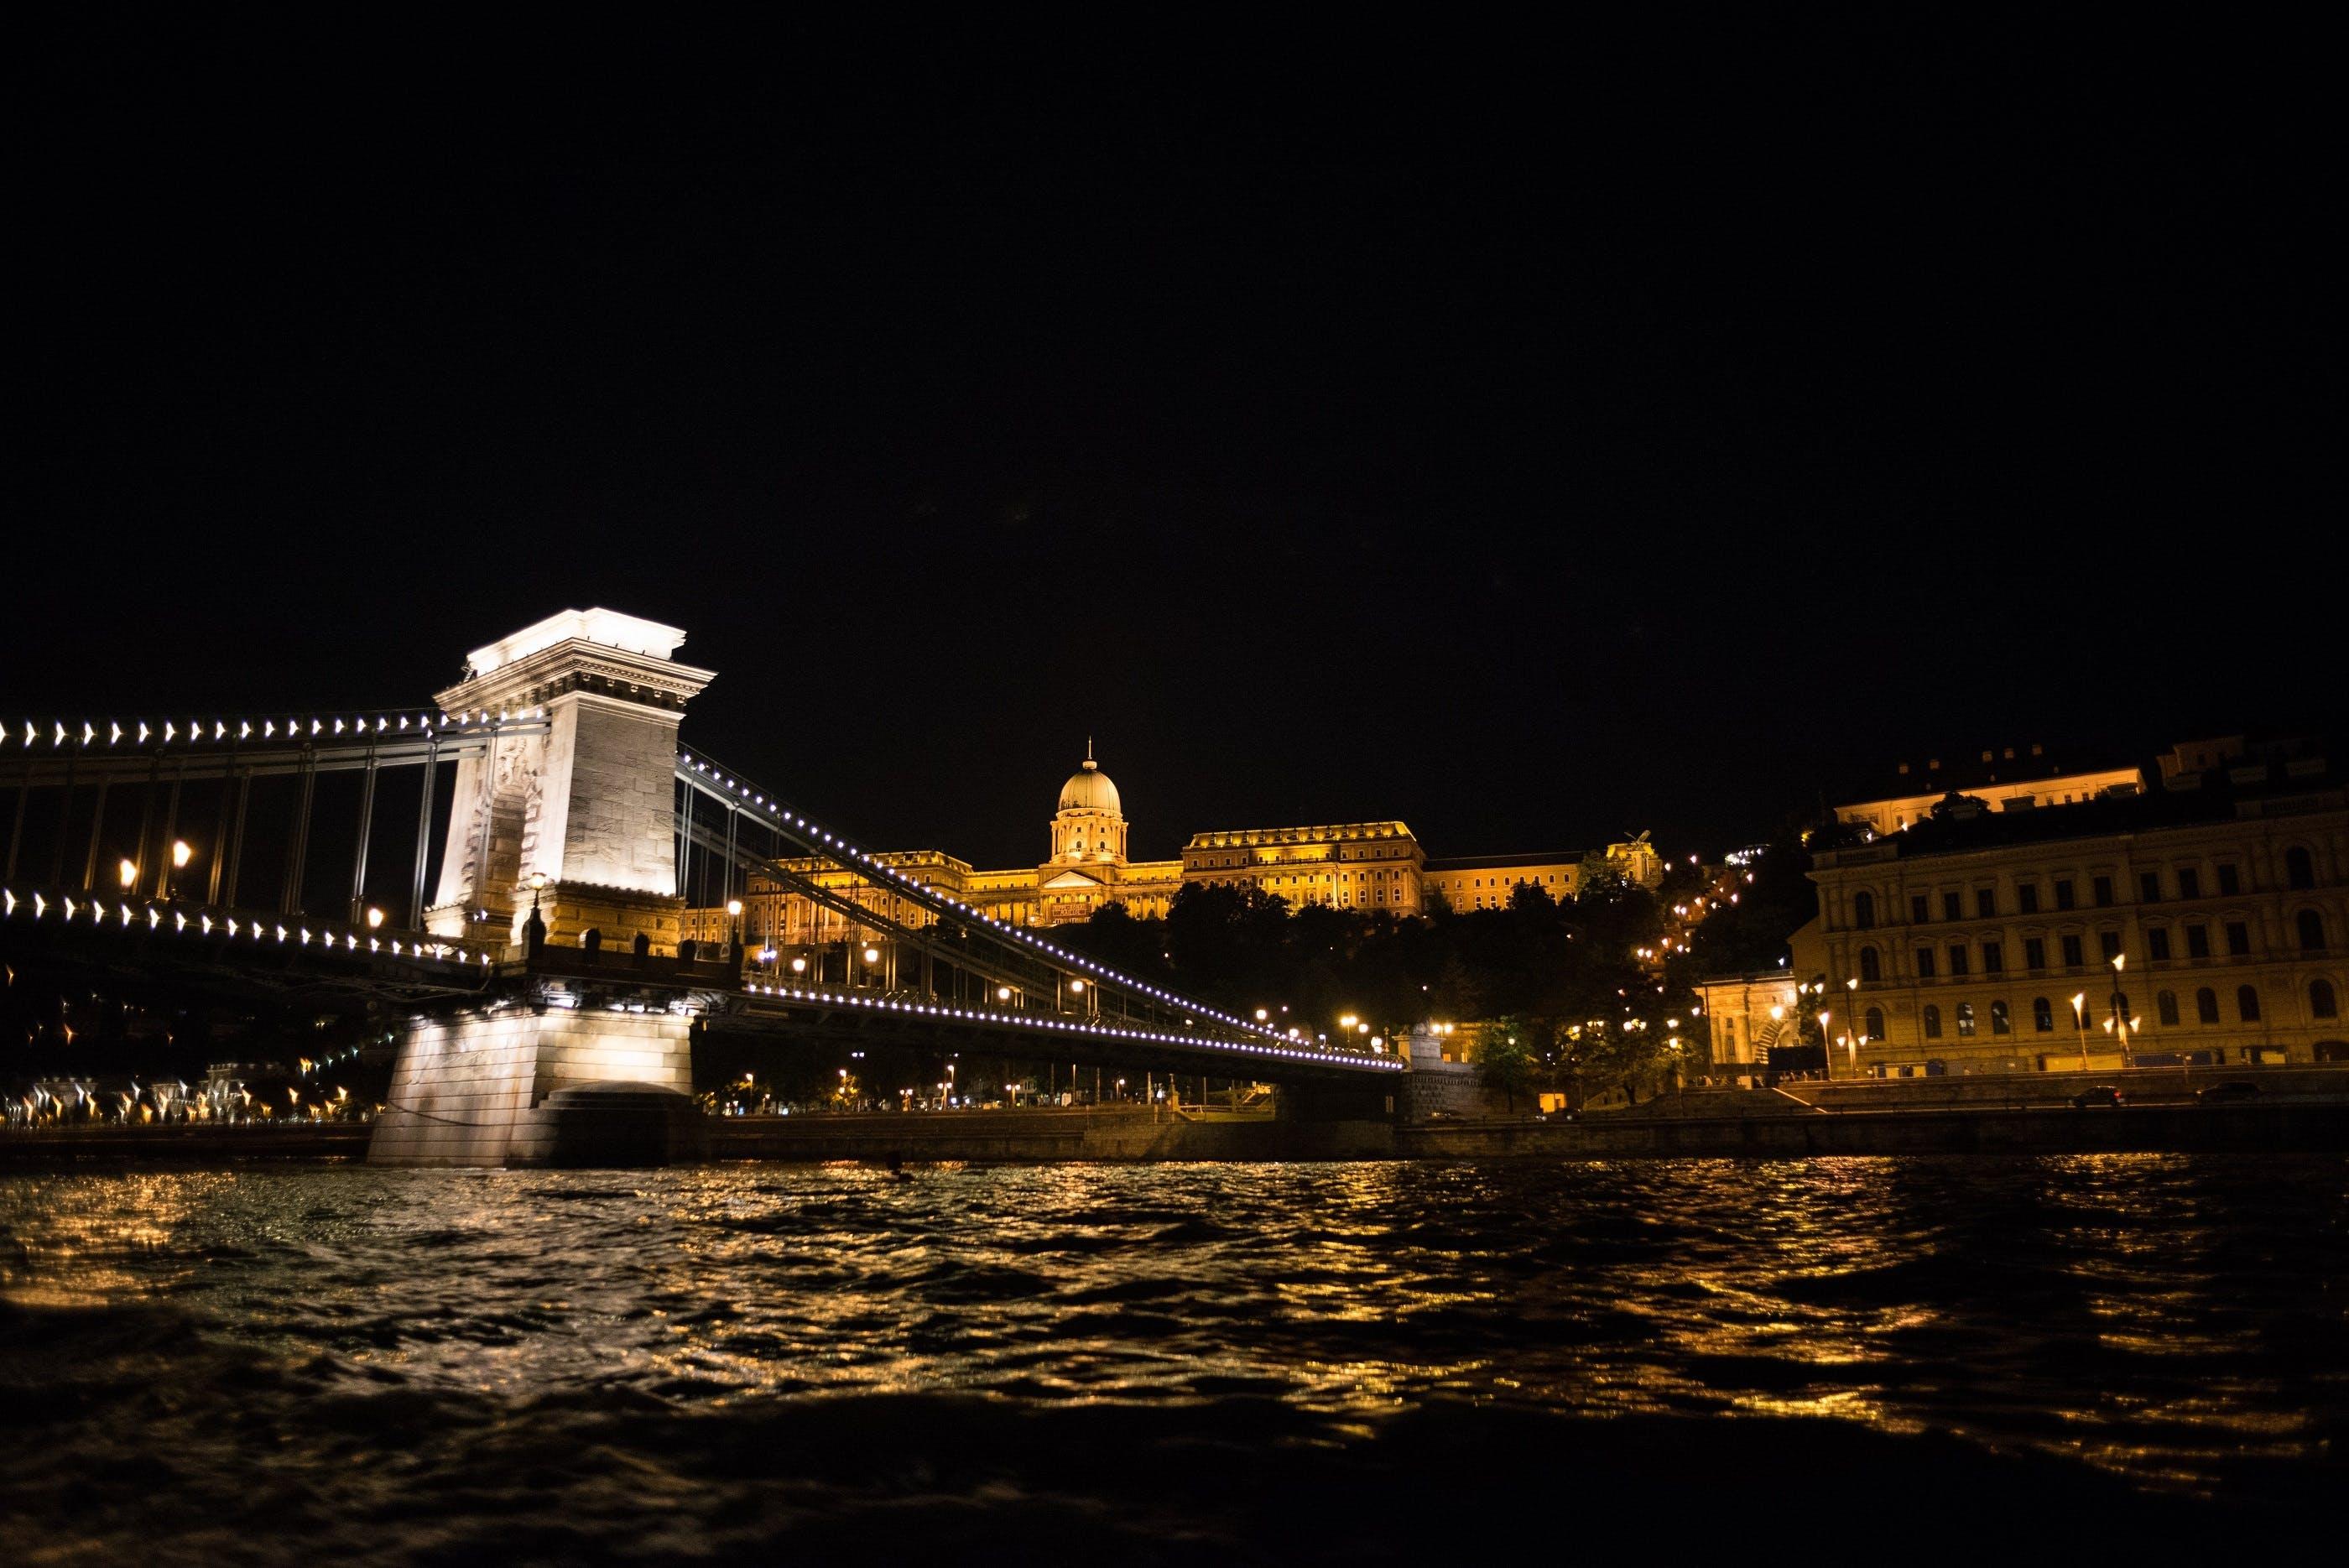 Bridge Near Buildings at Night